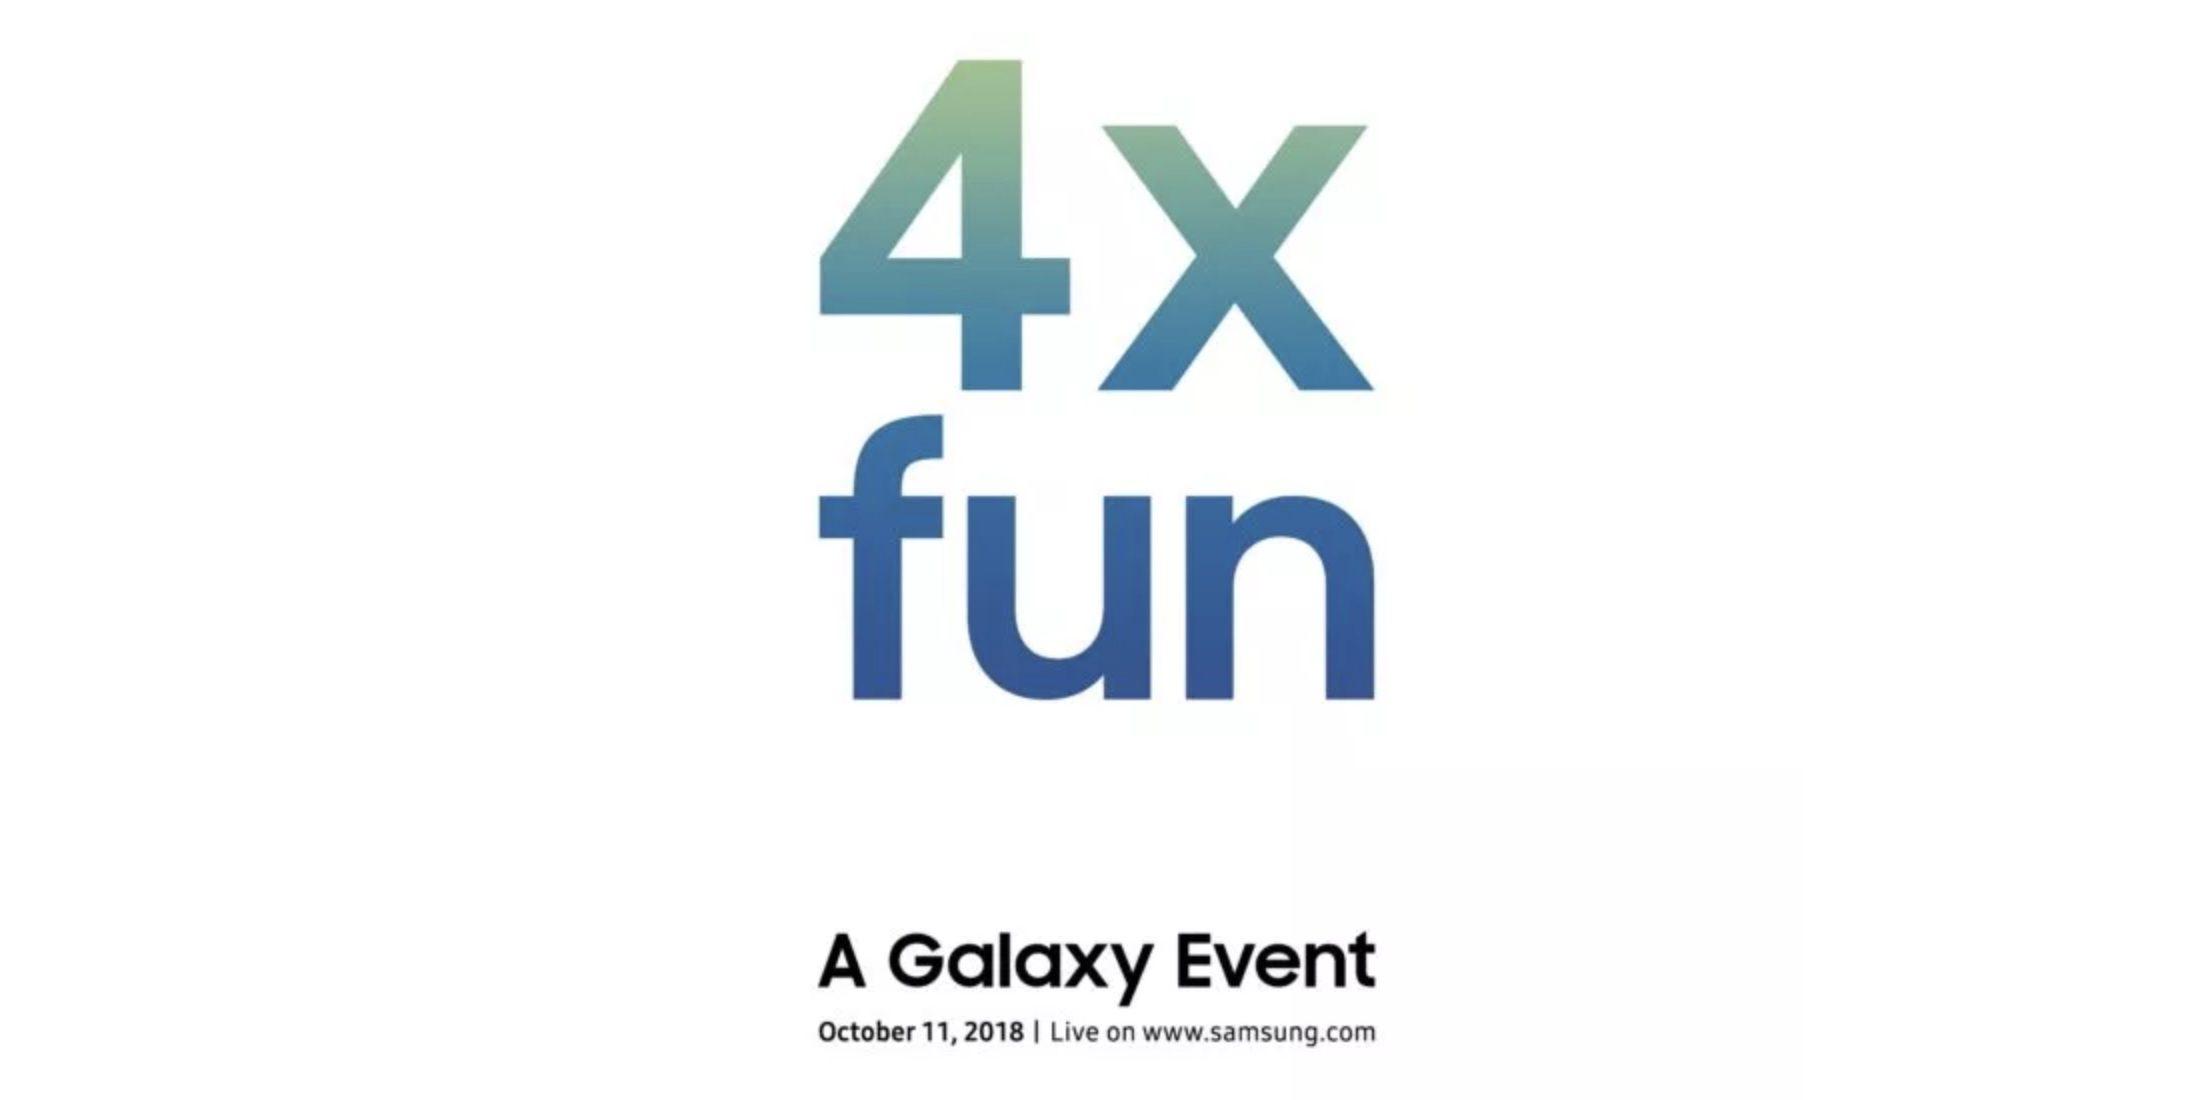 Snart skal Samsung lansere en ny Galaxy-mobil.